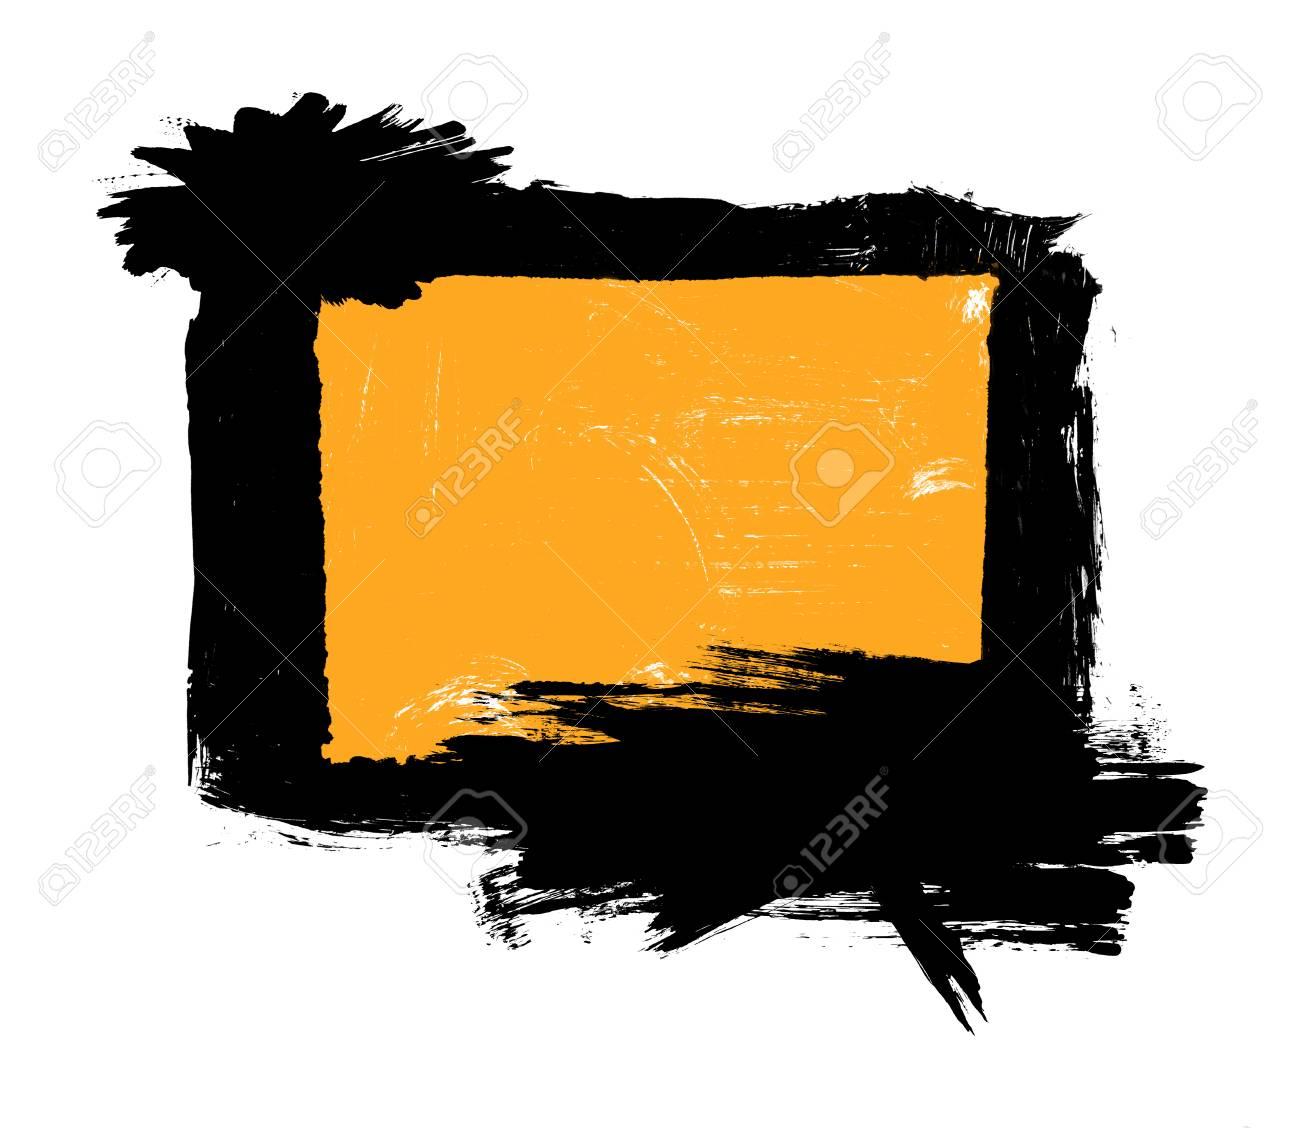 Grunge Pincel Trazos En Dificultades Fondo Naranja Rectángulo ...